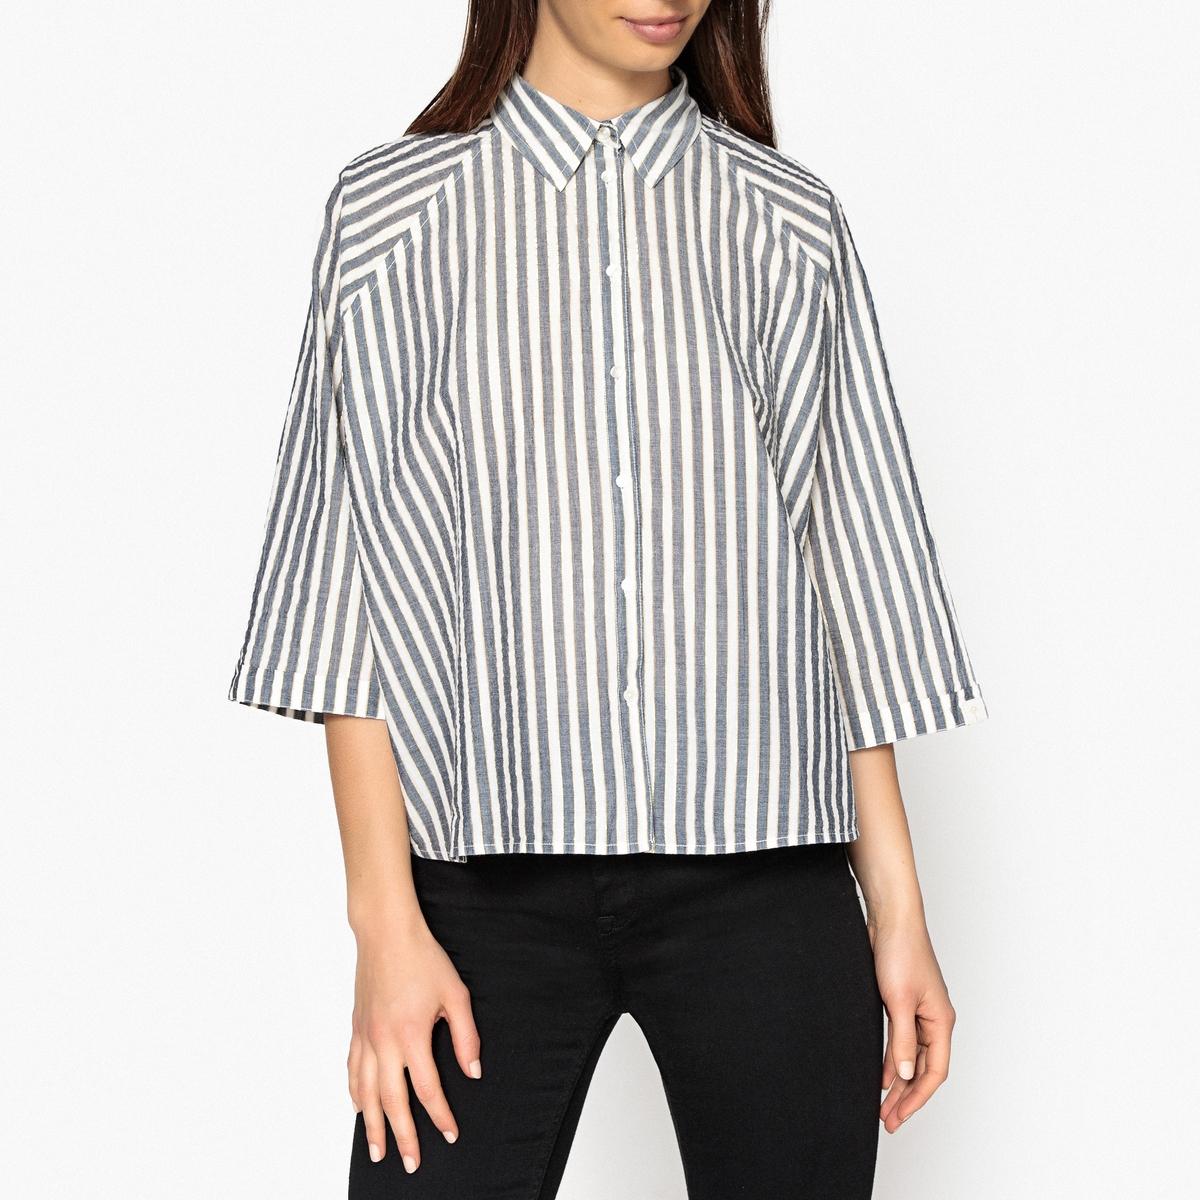 Рубашка широкая в полоскуОписание:Широкая рубашка в полоску с блестящими волокнами золотистого цвета MAISON SCOTCH. Застежка на пуговицы спереди, воротник со свободными уголками. Рукава с отворотами, проймы реглан.Детали •  Короткие рукава •  Прямой покрой •  Рубашечный воротник-полоСостав и уход •  97% хлопка, 3% волокон с металлическим блеском •  Следуйте рекомендациям по уходу, указанным на этикетке изделия •  Длина : ок. 57 см. для размера S<br><br>Цвет: синий/ белый